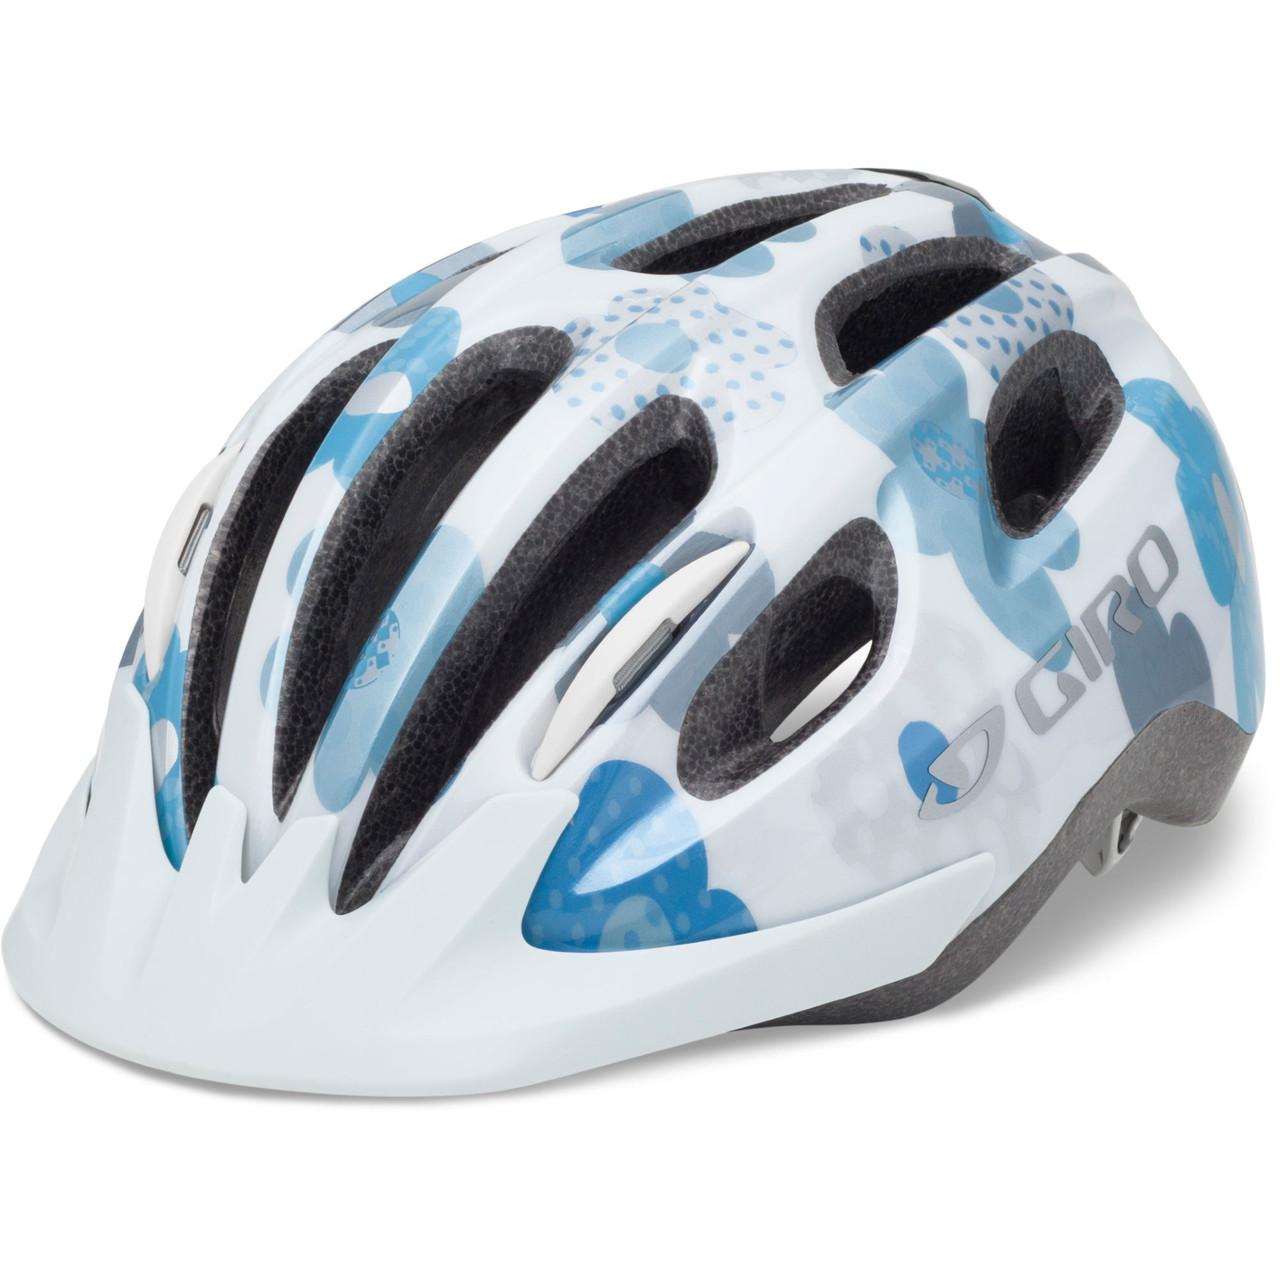 Велошлем подростковый Giro Flurry II белый/молочный/синий Flowers, Uni (50-57) (GT)